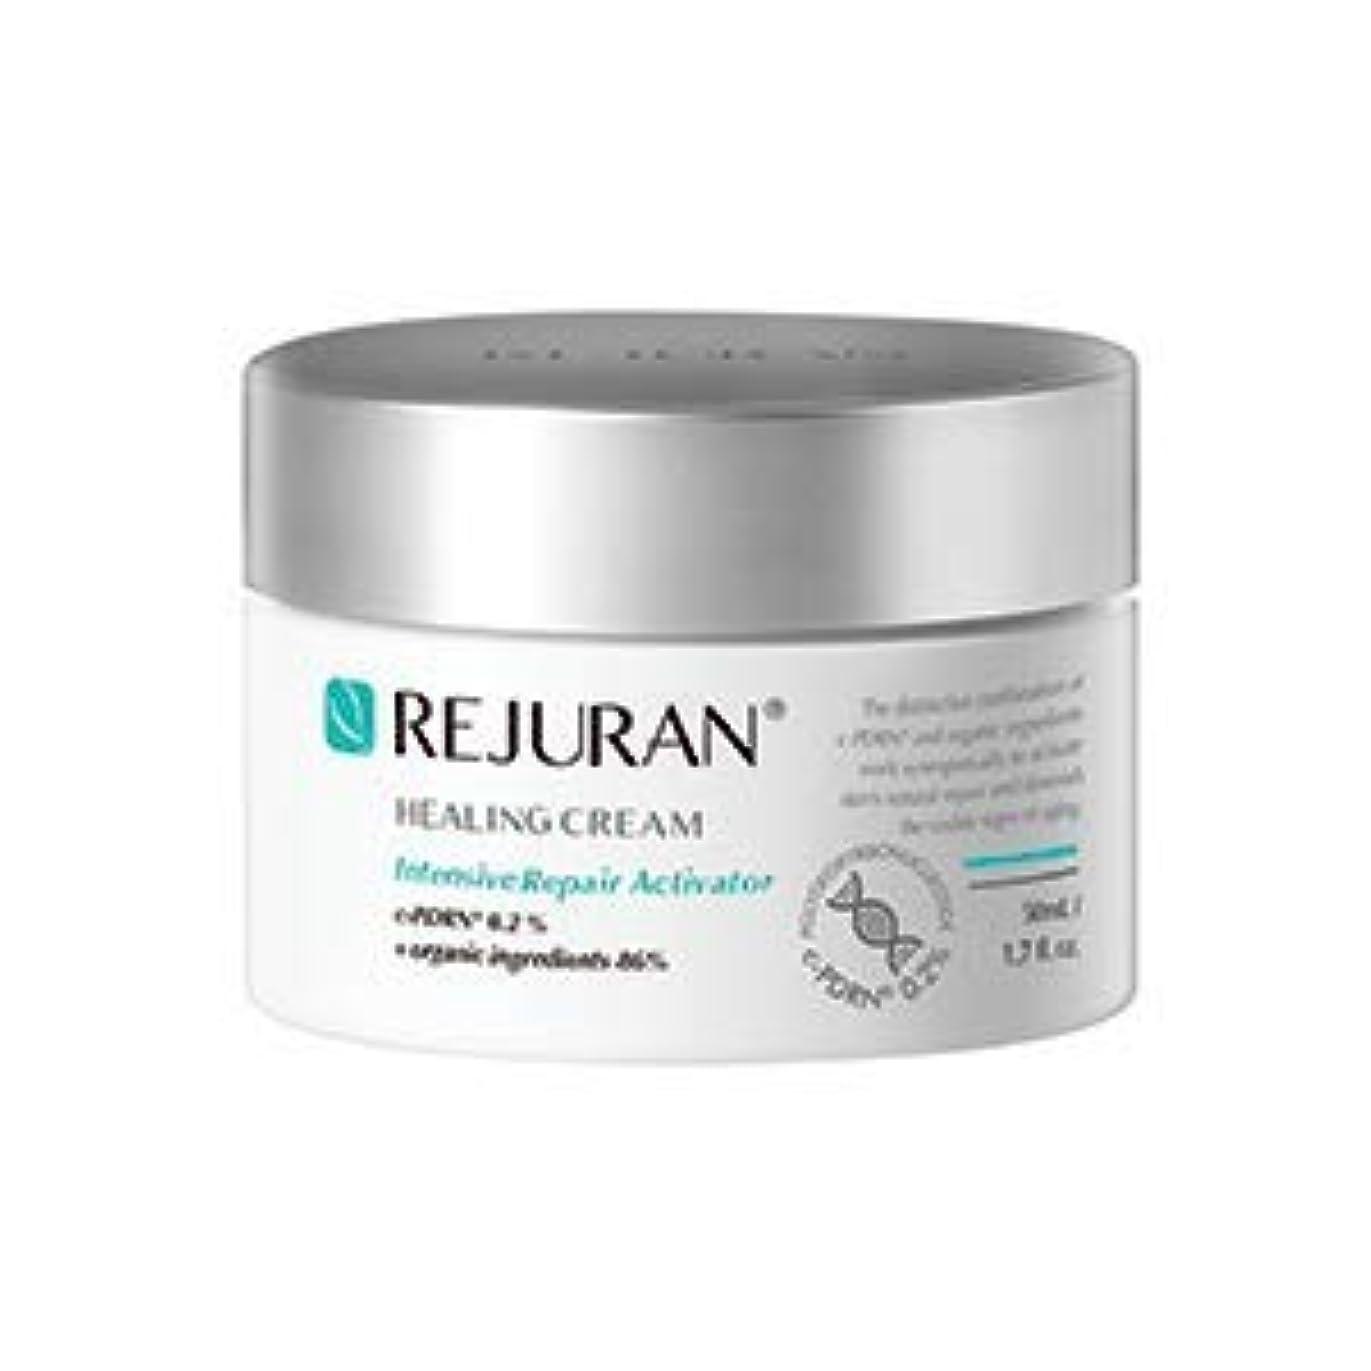 郵便番号メロドラマティックアレルギー[ 皮膚科最高級ブランド ] リジュラン ヒーリング クリーム 50ml.(シワ改善機能性)REJURAN Healin Cream 50ml. X Healing Mask 2p